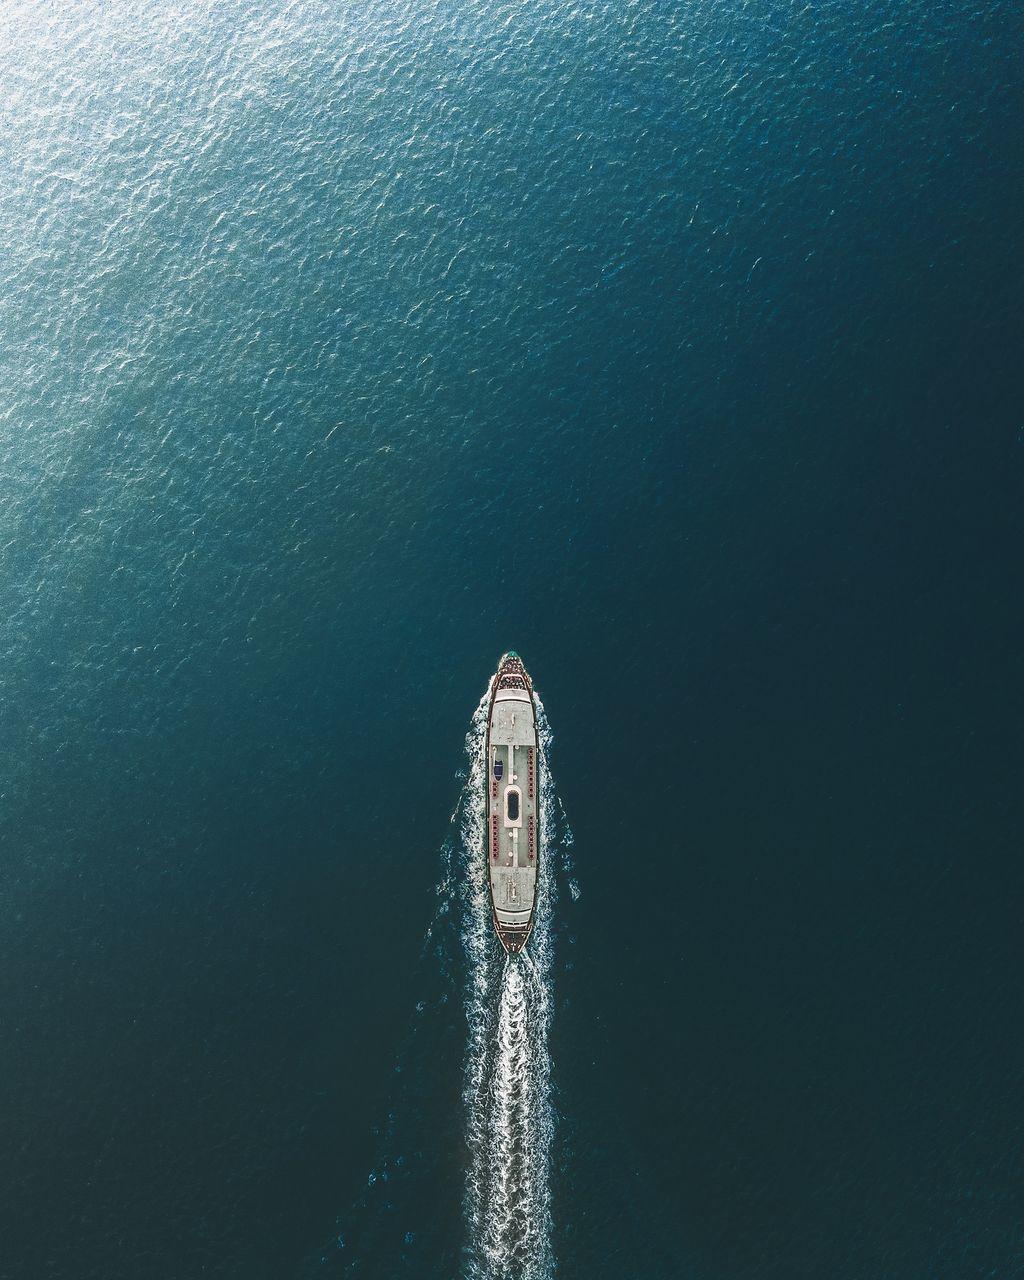 Scenic View Of Ship In Sea